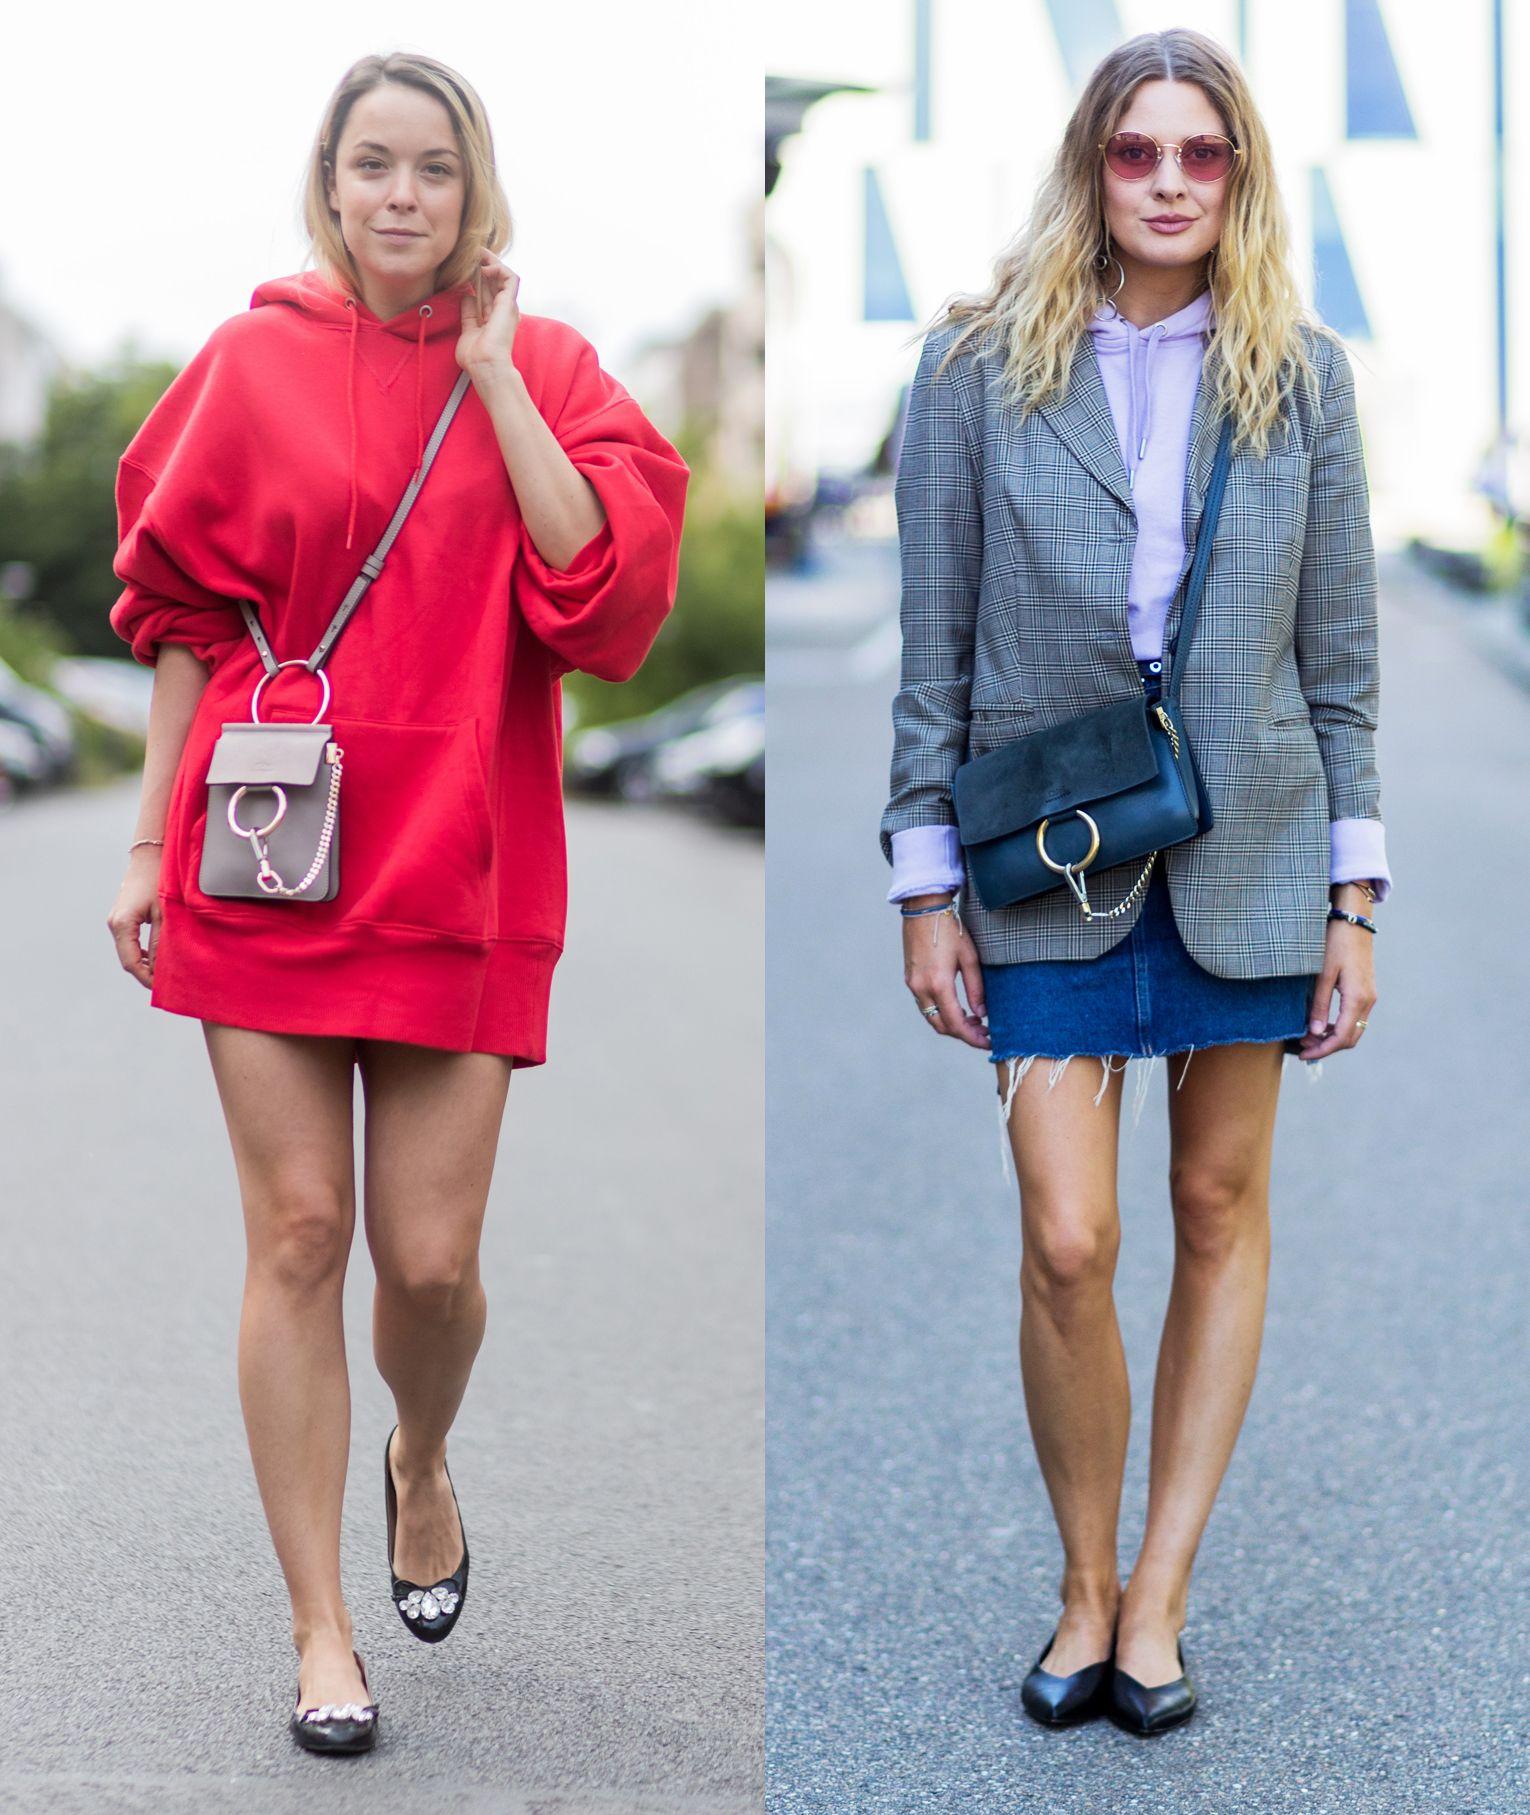 9 Felpe 2018 Moda Outfit Per Abbinare Le Estate Donna tsQrdh